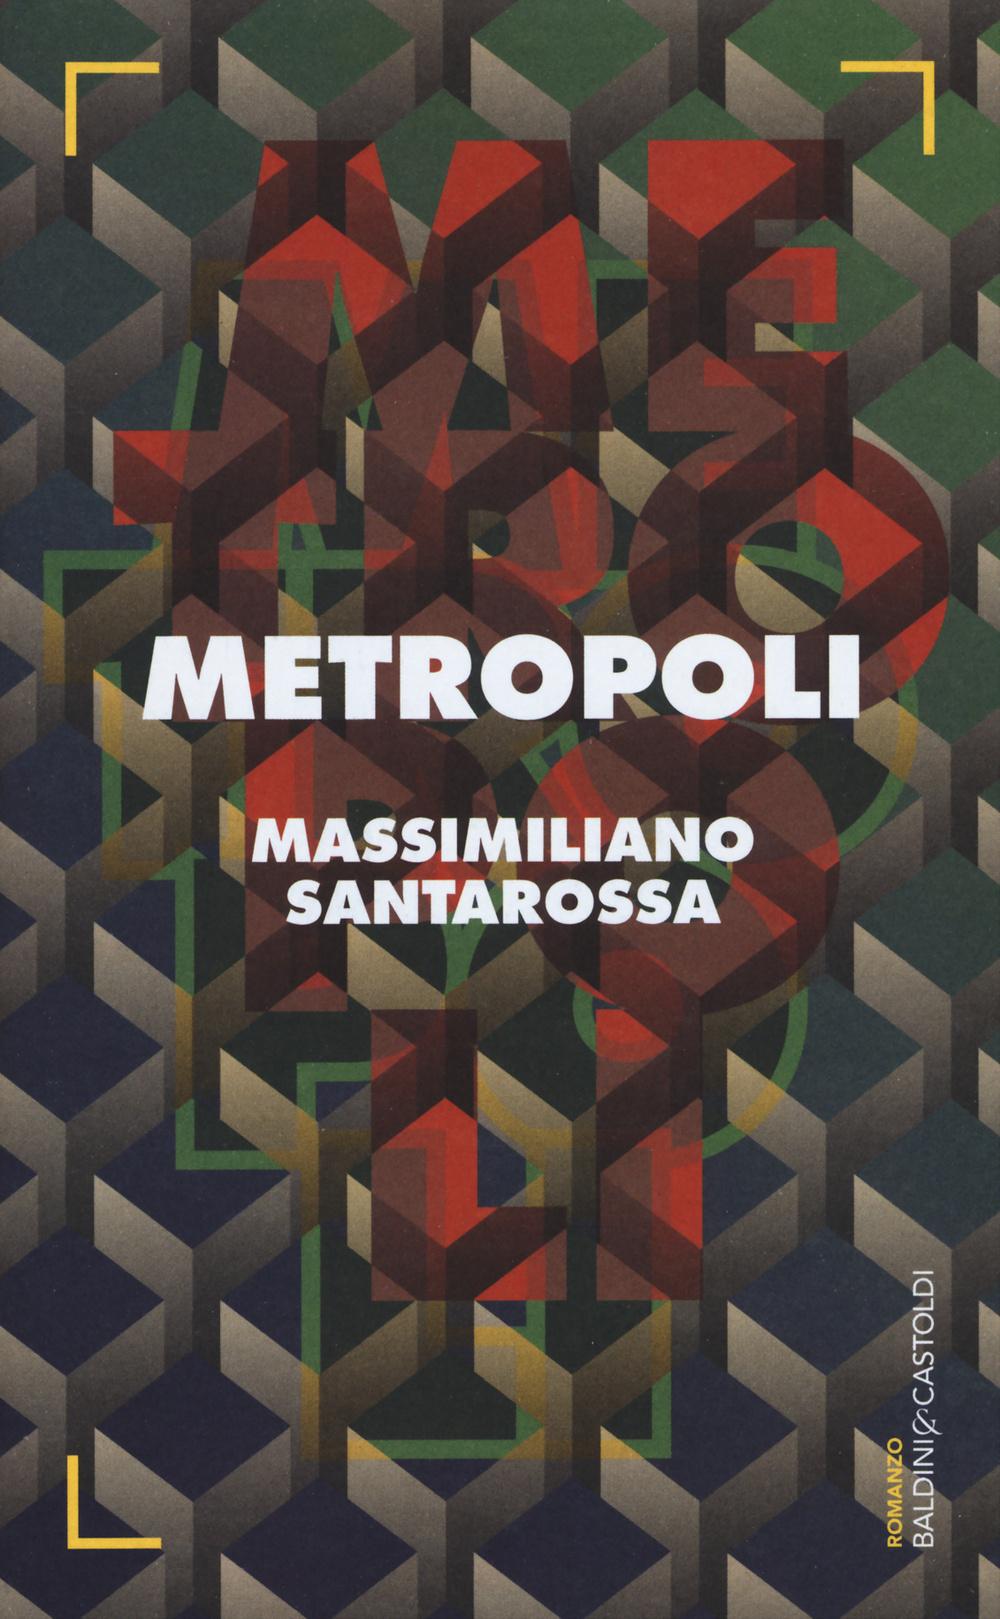 METROPOLI - 9788868527846